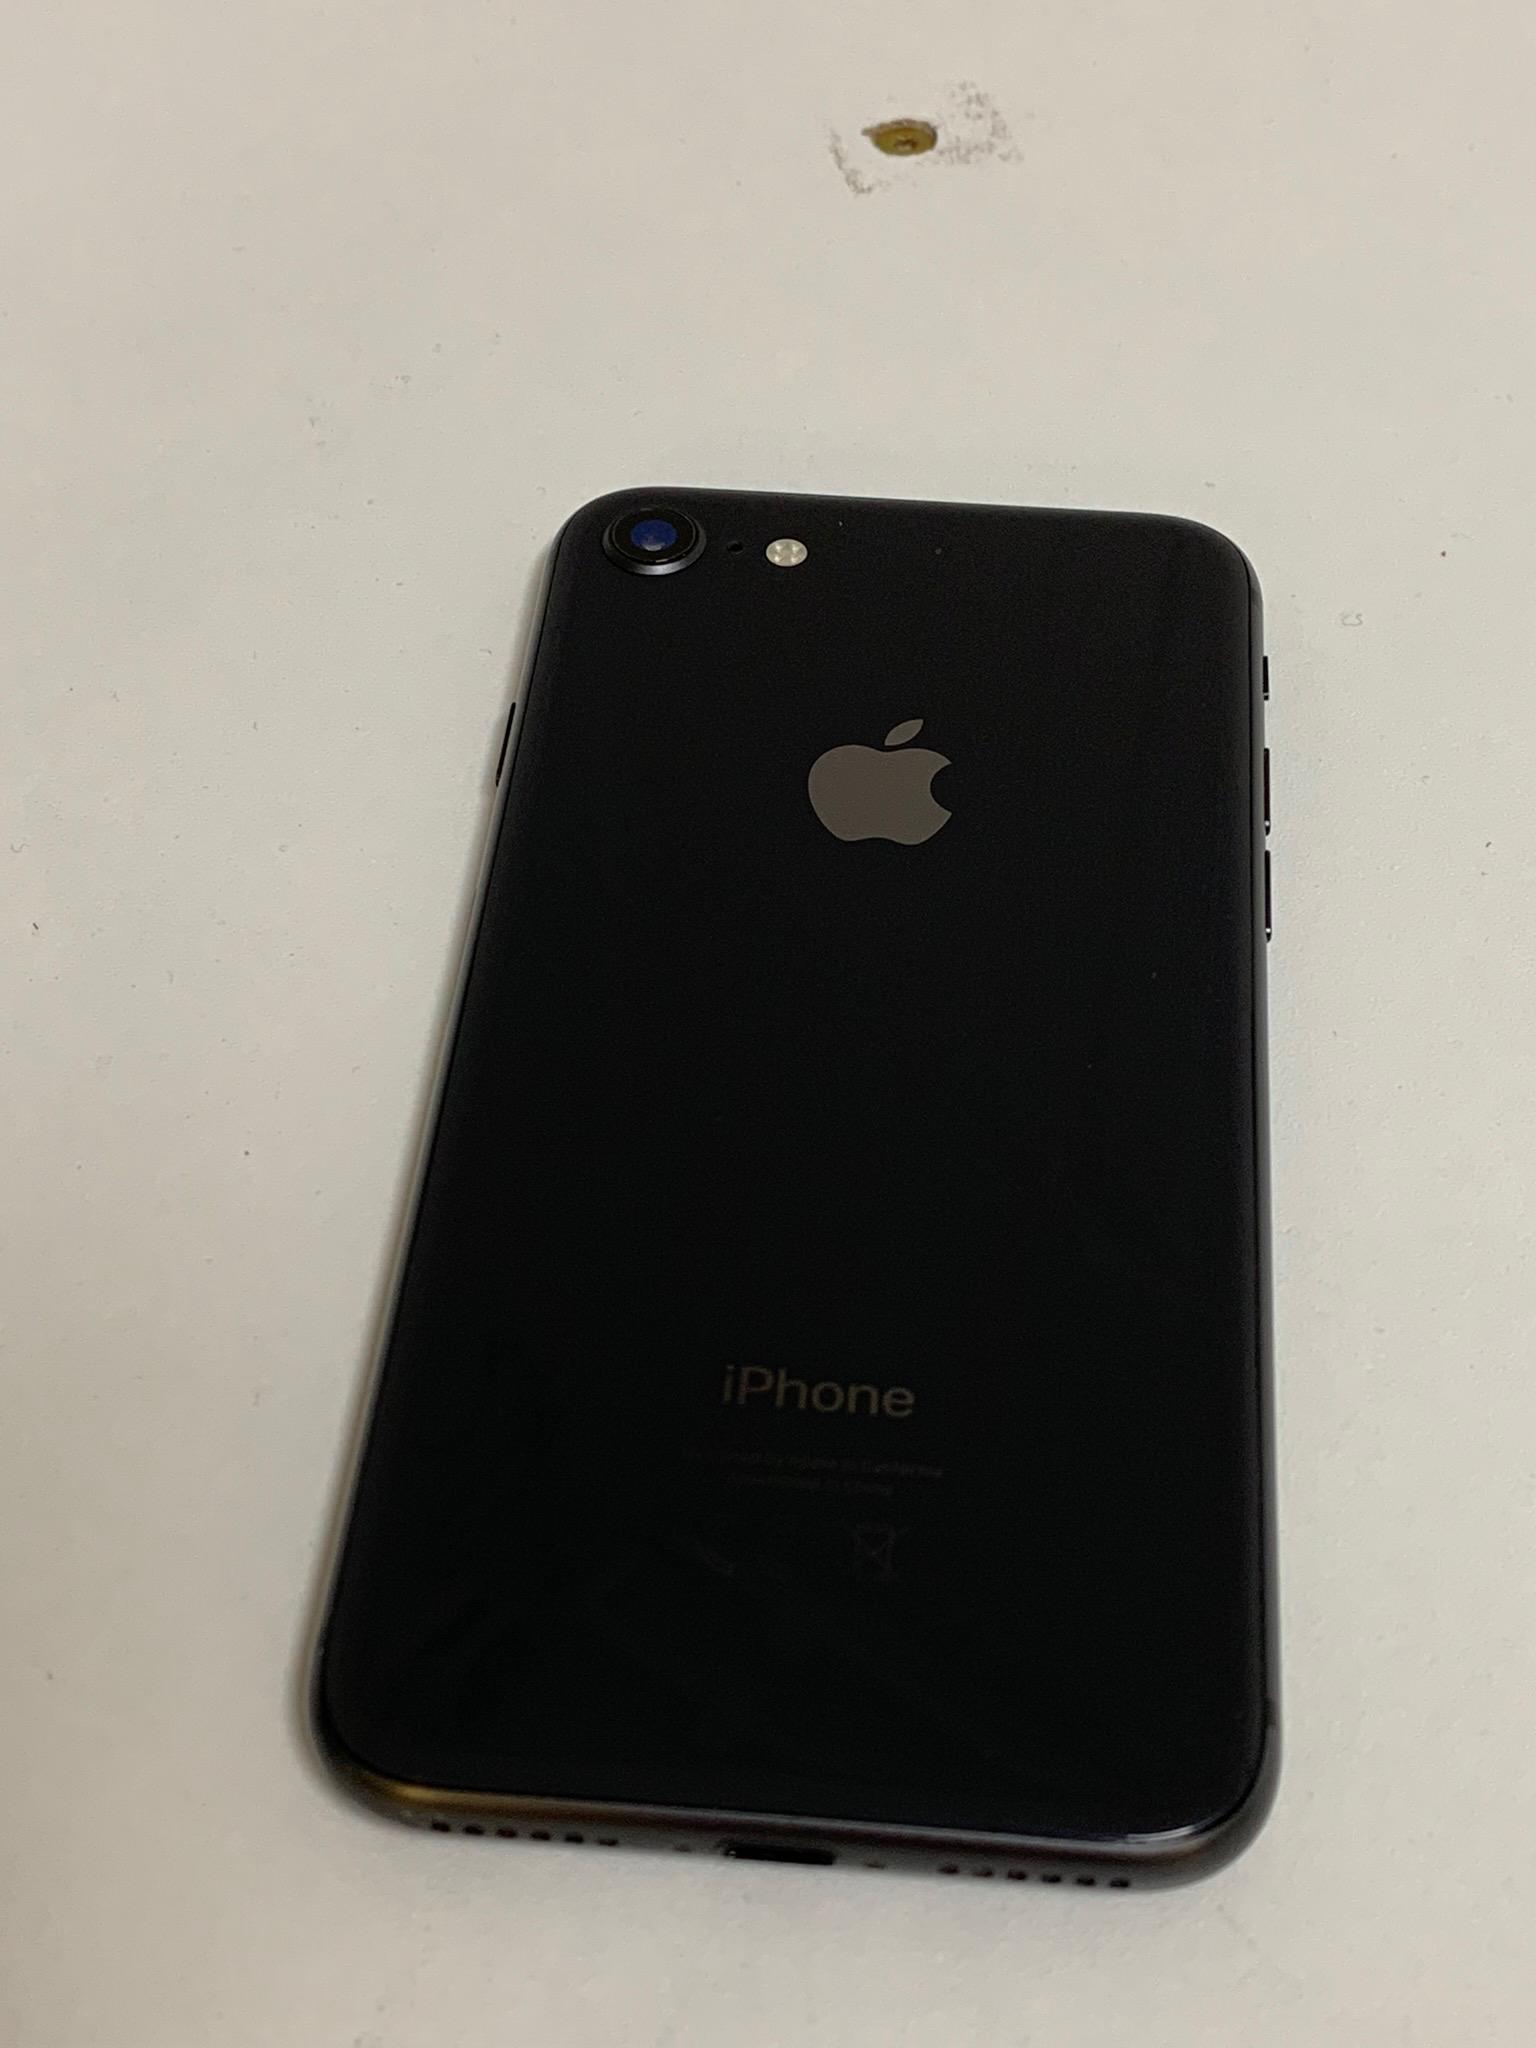 iPhone 8 64GB, 64GB, Space Grau, bild 2